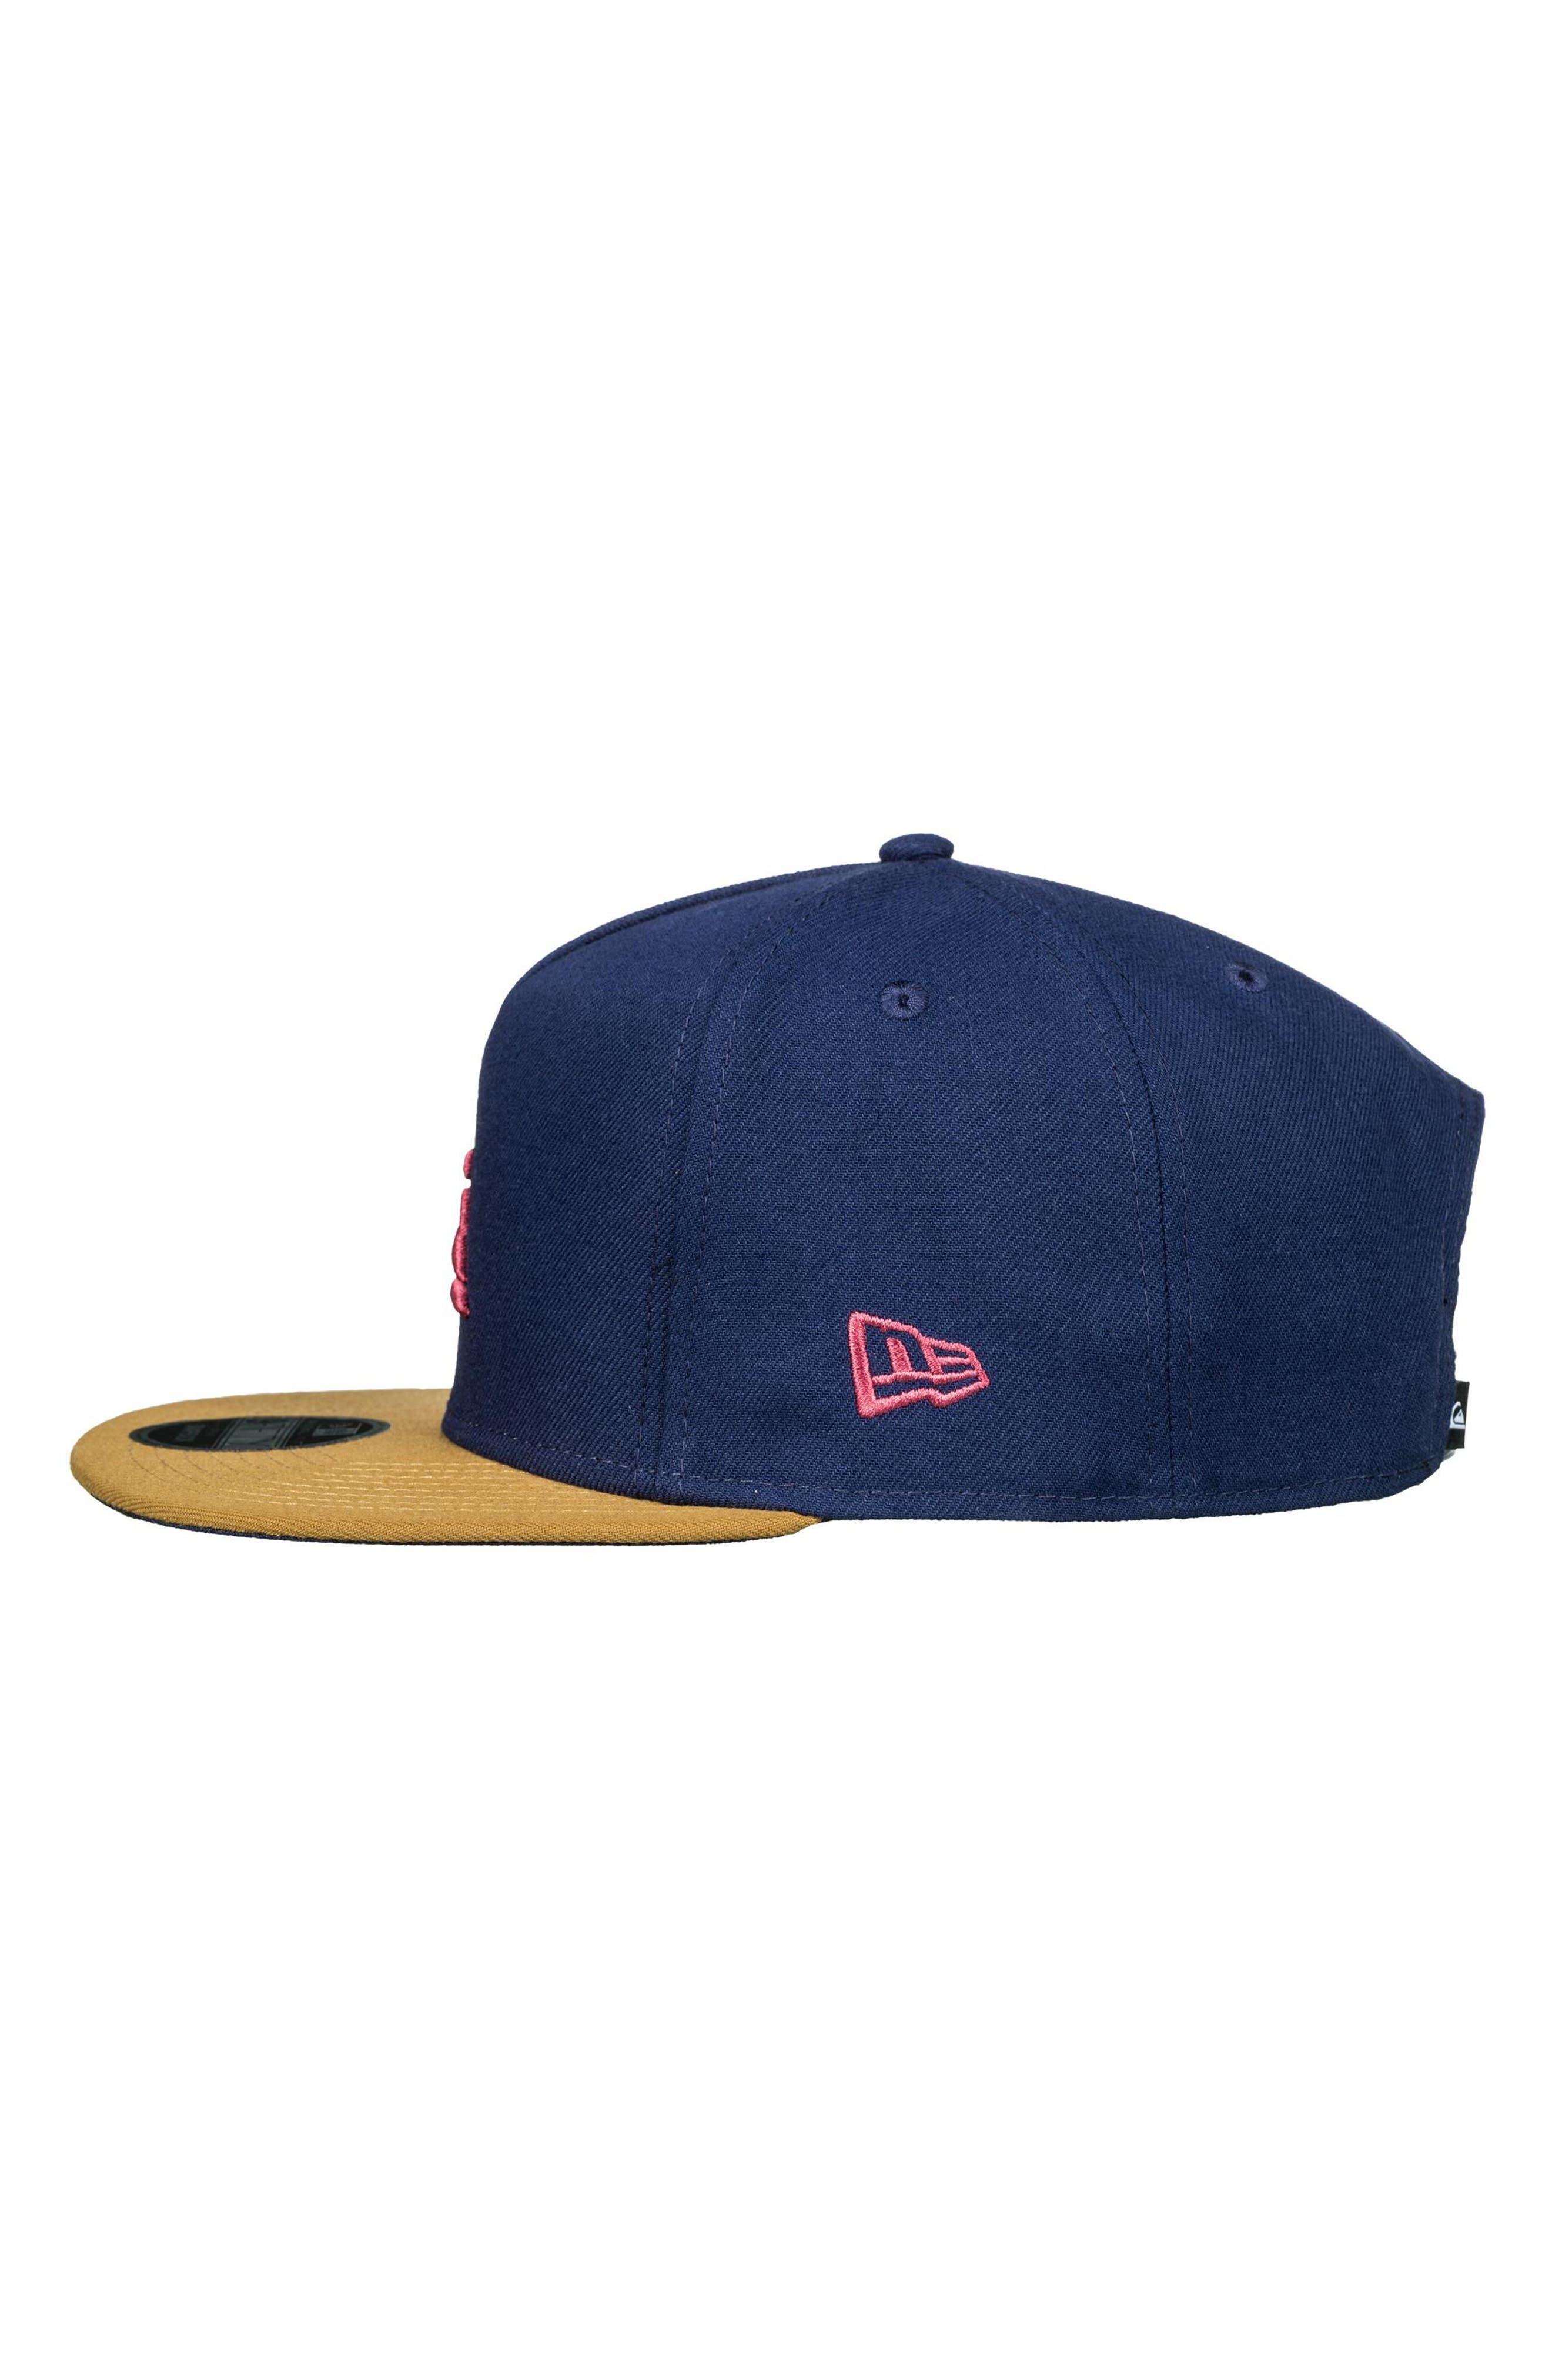 x New Era Stuckles Snapback Cap,                             Alternate thumbnail 3, color,                             Navy Blazer